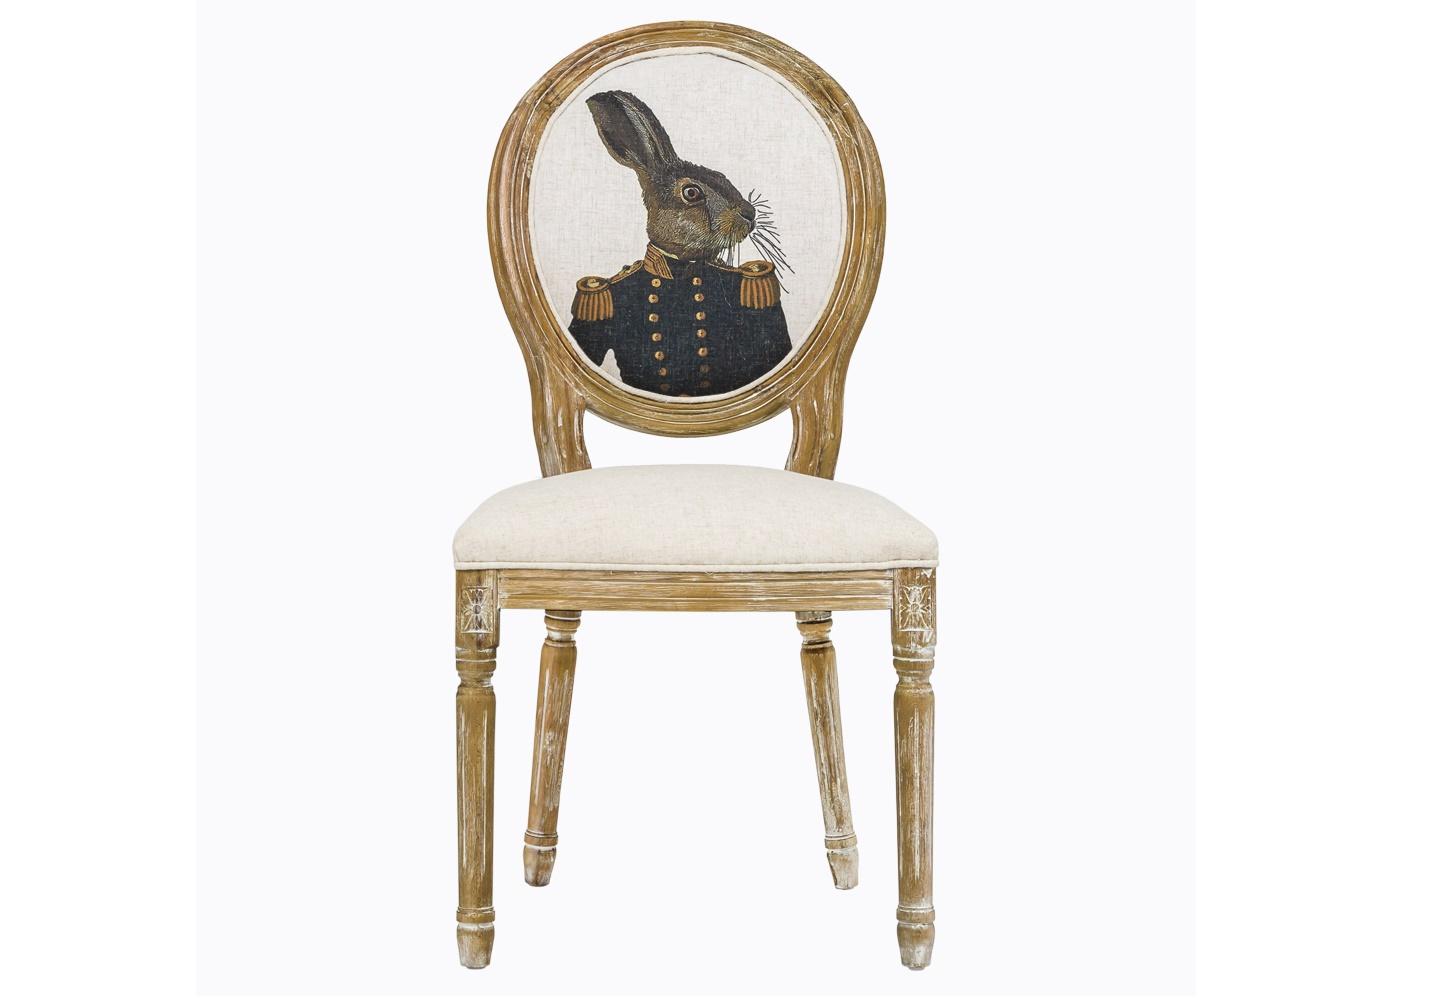 Стул «Мистер Заяц Лайт»Обеденные стулья<br>Поклонников Льюиса Кэролла и &amp;quot;Алисы в стране чудес&amp;quot; эта мебель приведет в восторг. Овальную спинку стула украшает оригинальный рисунок в стиле парадных портретов XVIII века. Длинноухий зайка, явно благородного сословия, облачен в офицерский китель с золотыми пуговицами и эполетами. Чем не дворянин? Сам стул – в духе эпохи Луи-Филиппа во Франции: изумительная ручная работа, тонкая резьба по древесине бука, а обивка – из светлой ткани со специальной пропиткой, защищающей от пятен.&amp;lt;br&amp;gt;<br><br>Material: Текстиль<br>Ширина см: 50.0<br>Высота см: 98.0<br>Глубина см: 57.0